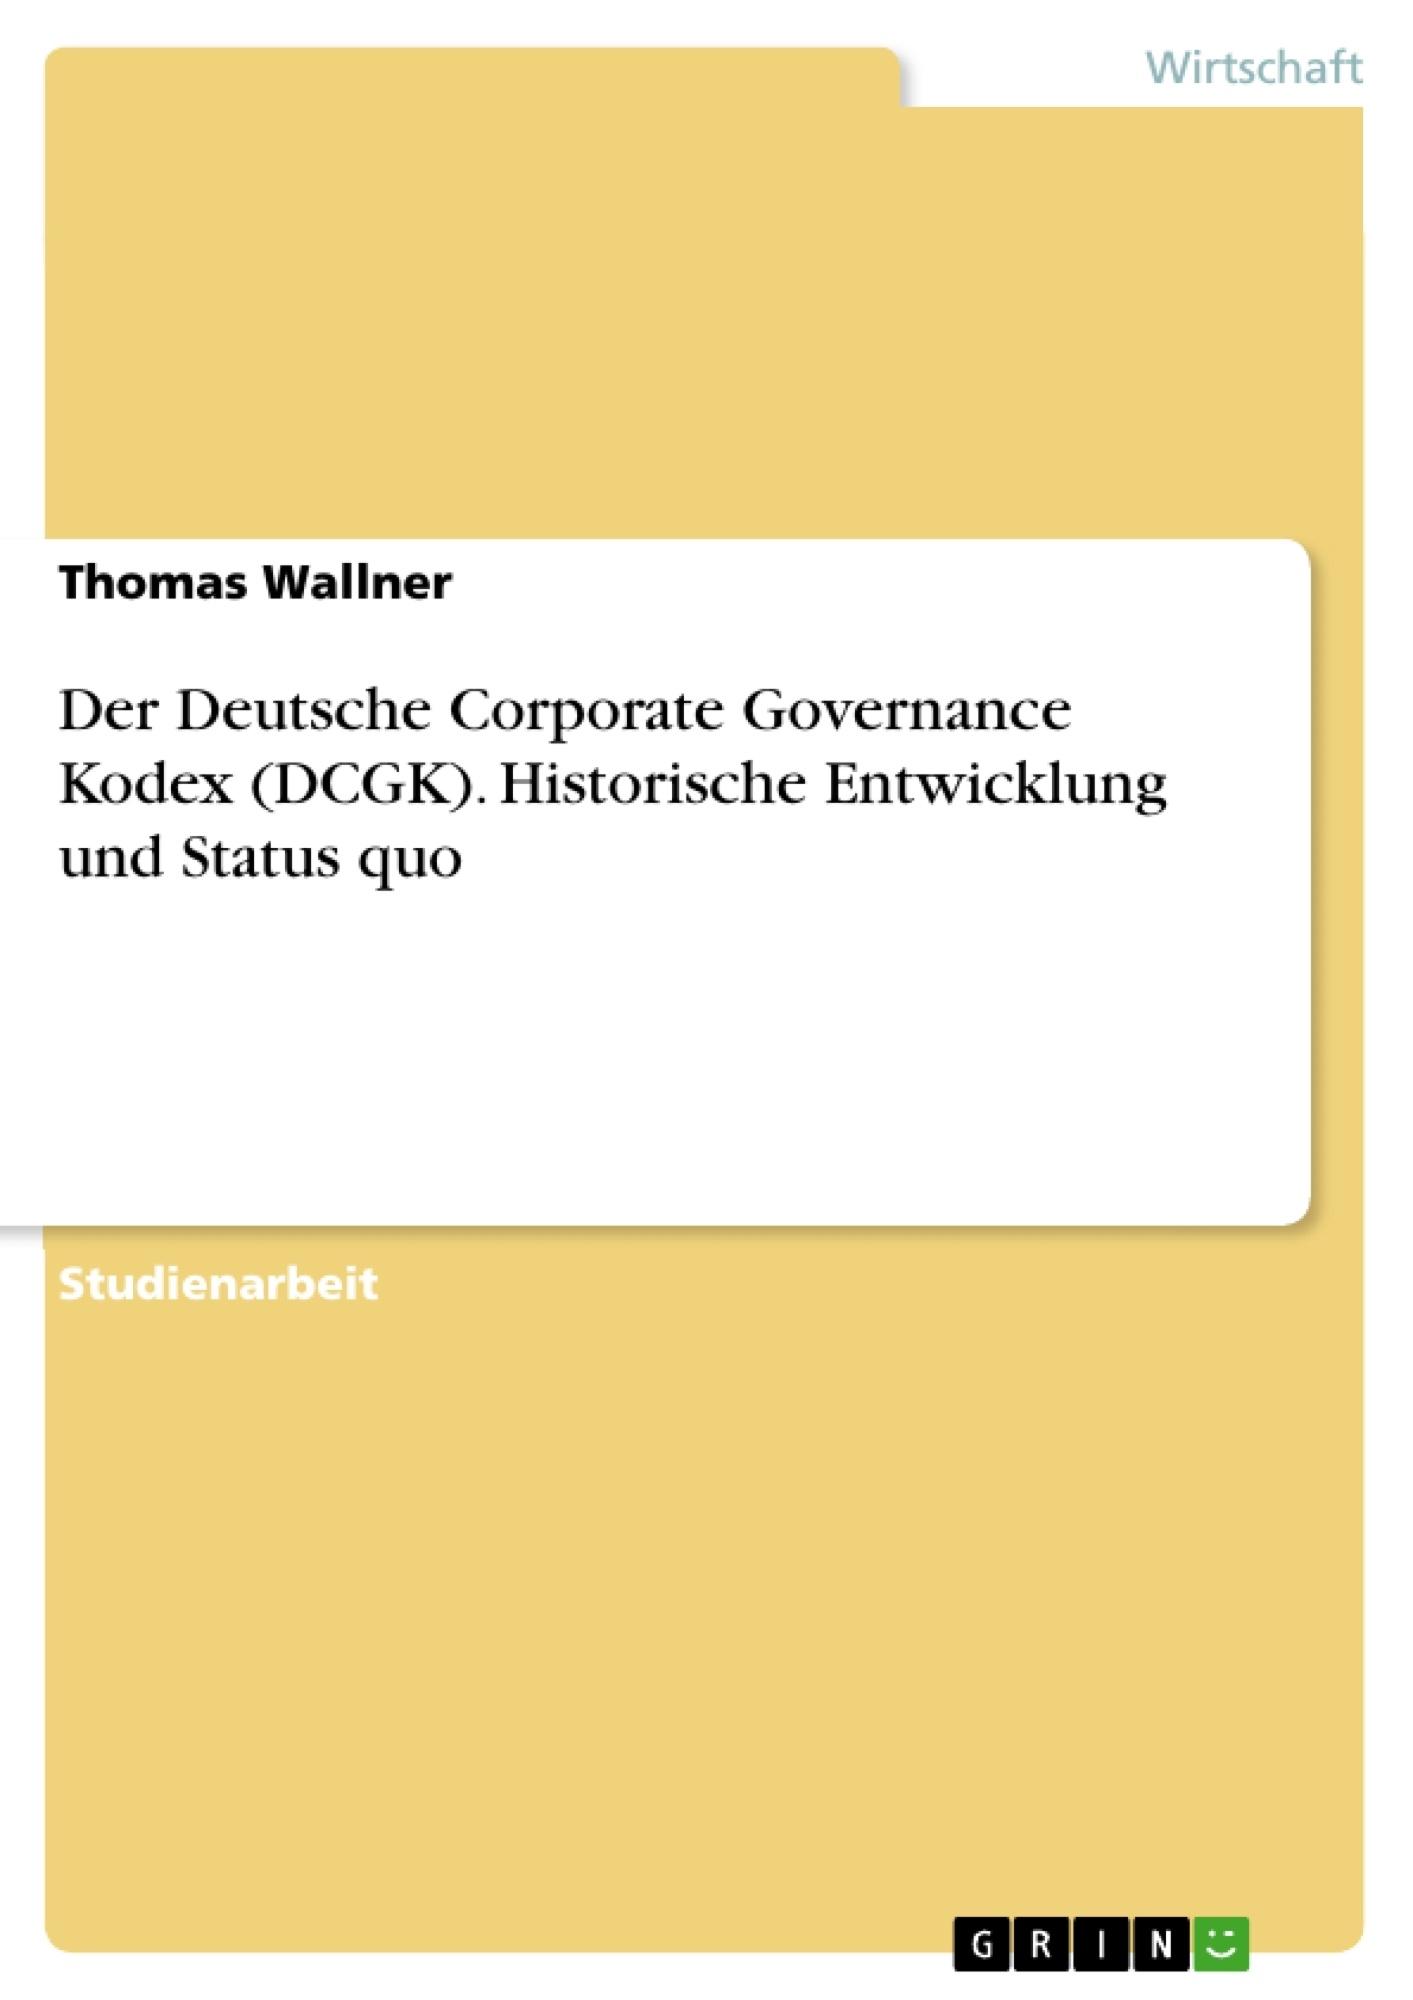 Titel: Der Deutsche Corporate Governance Kodex (DCGK). Historische Entwicklung und Status quo